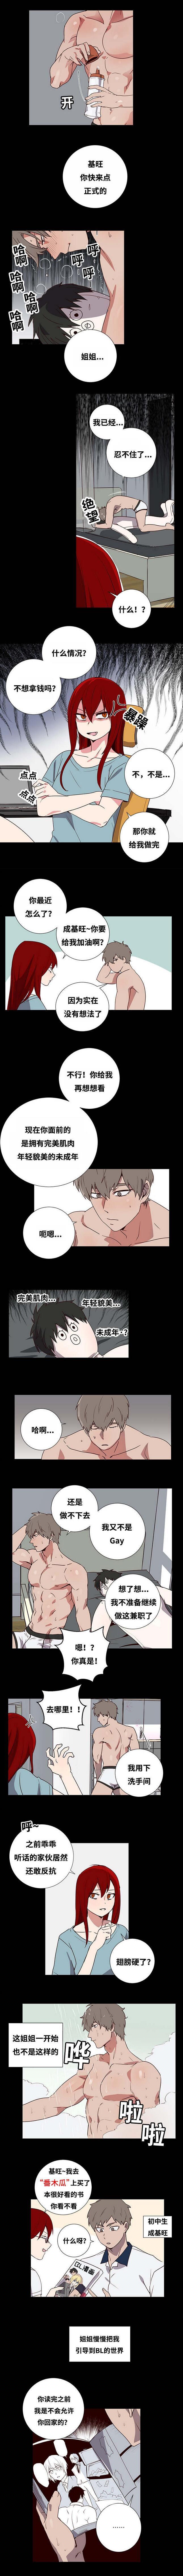 韩国BL漫画别捡肥皂在线全集